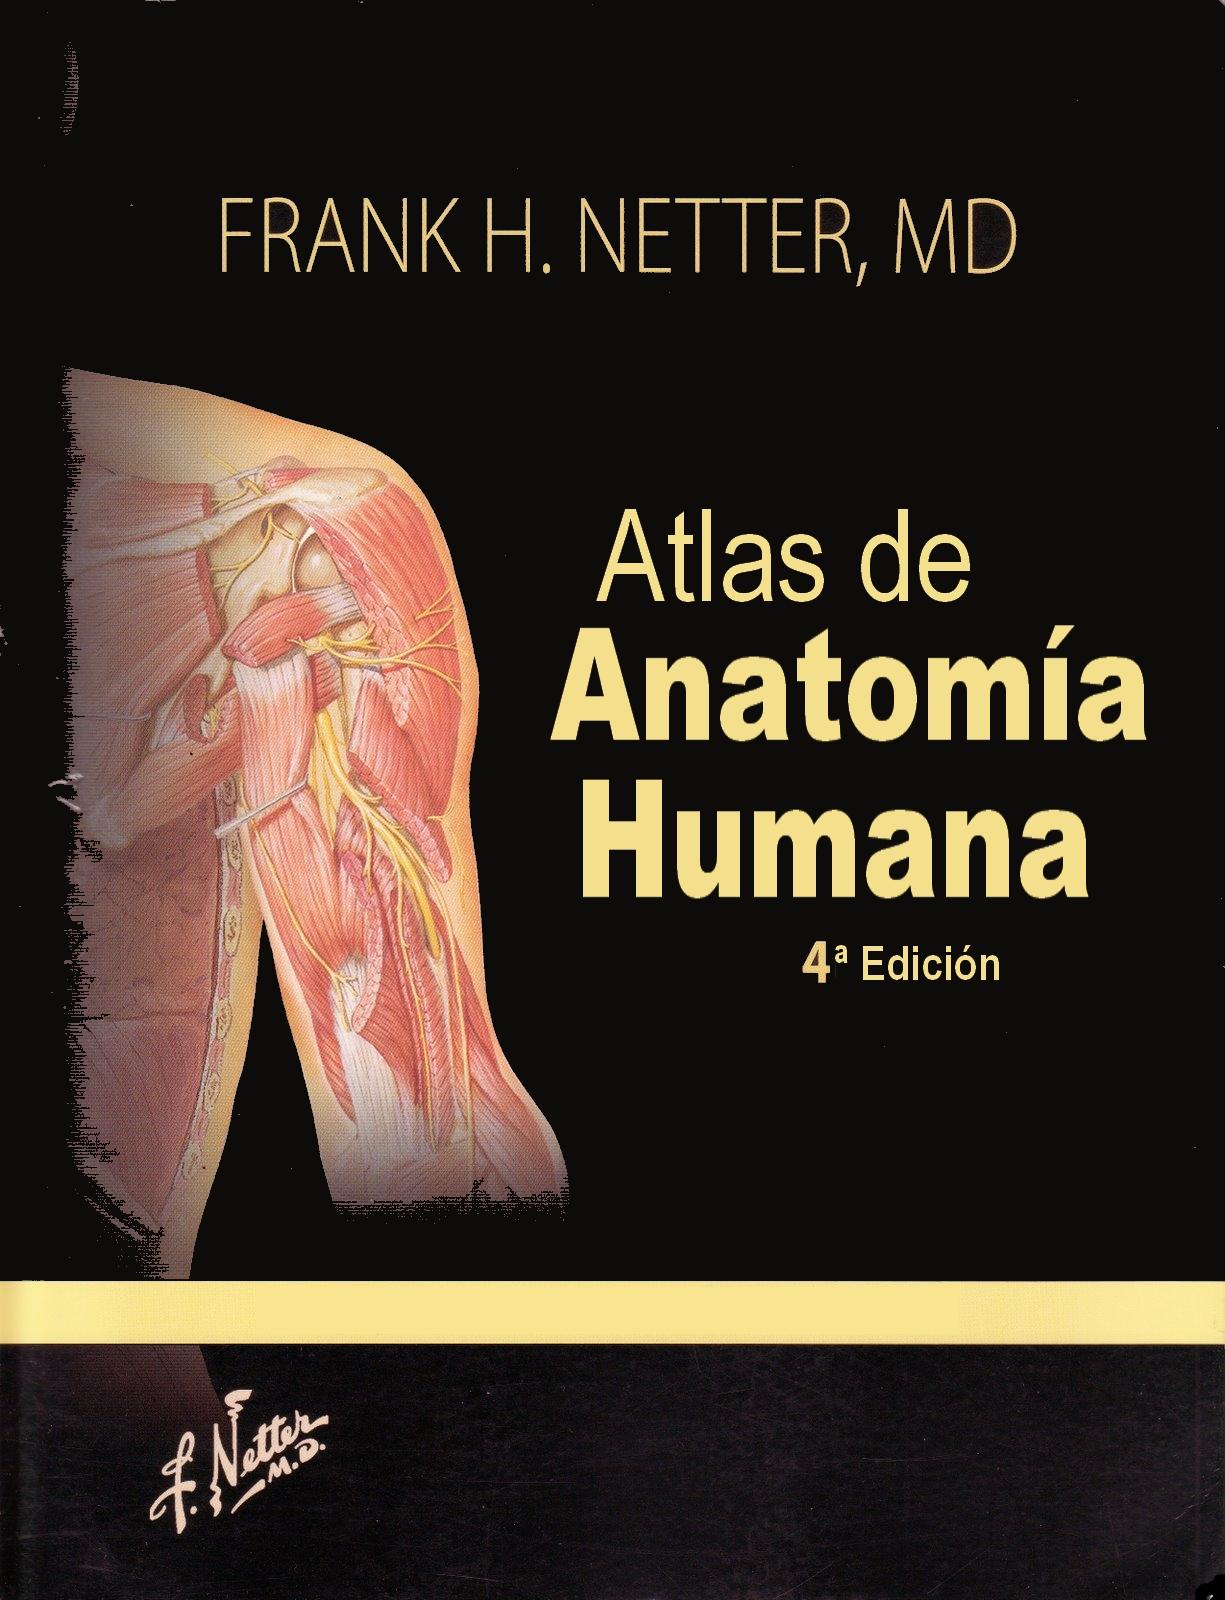 Descarga el Atlas de Anatomía Netter. « Medicardia